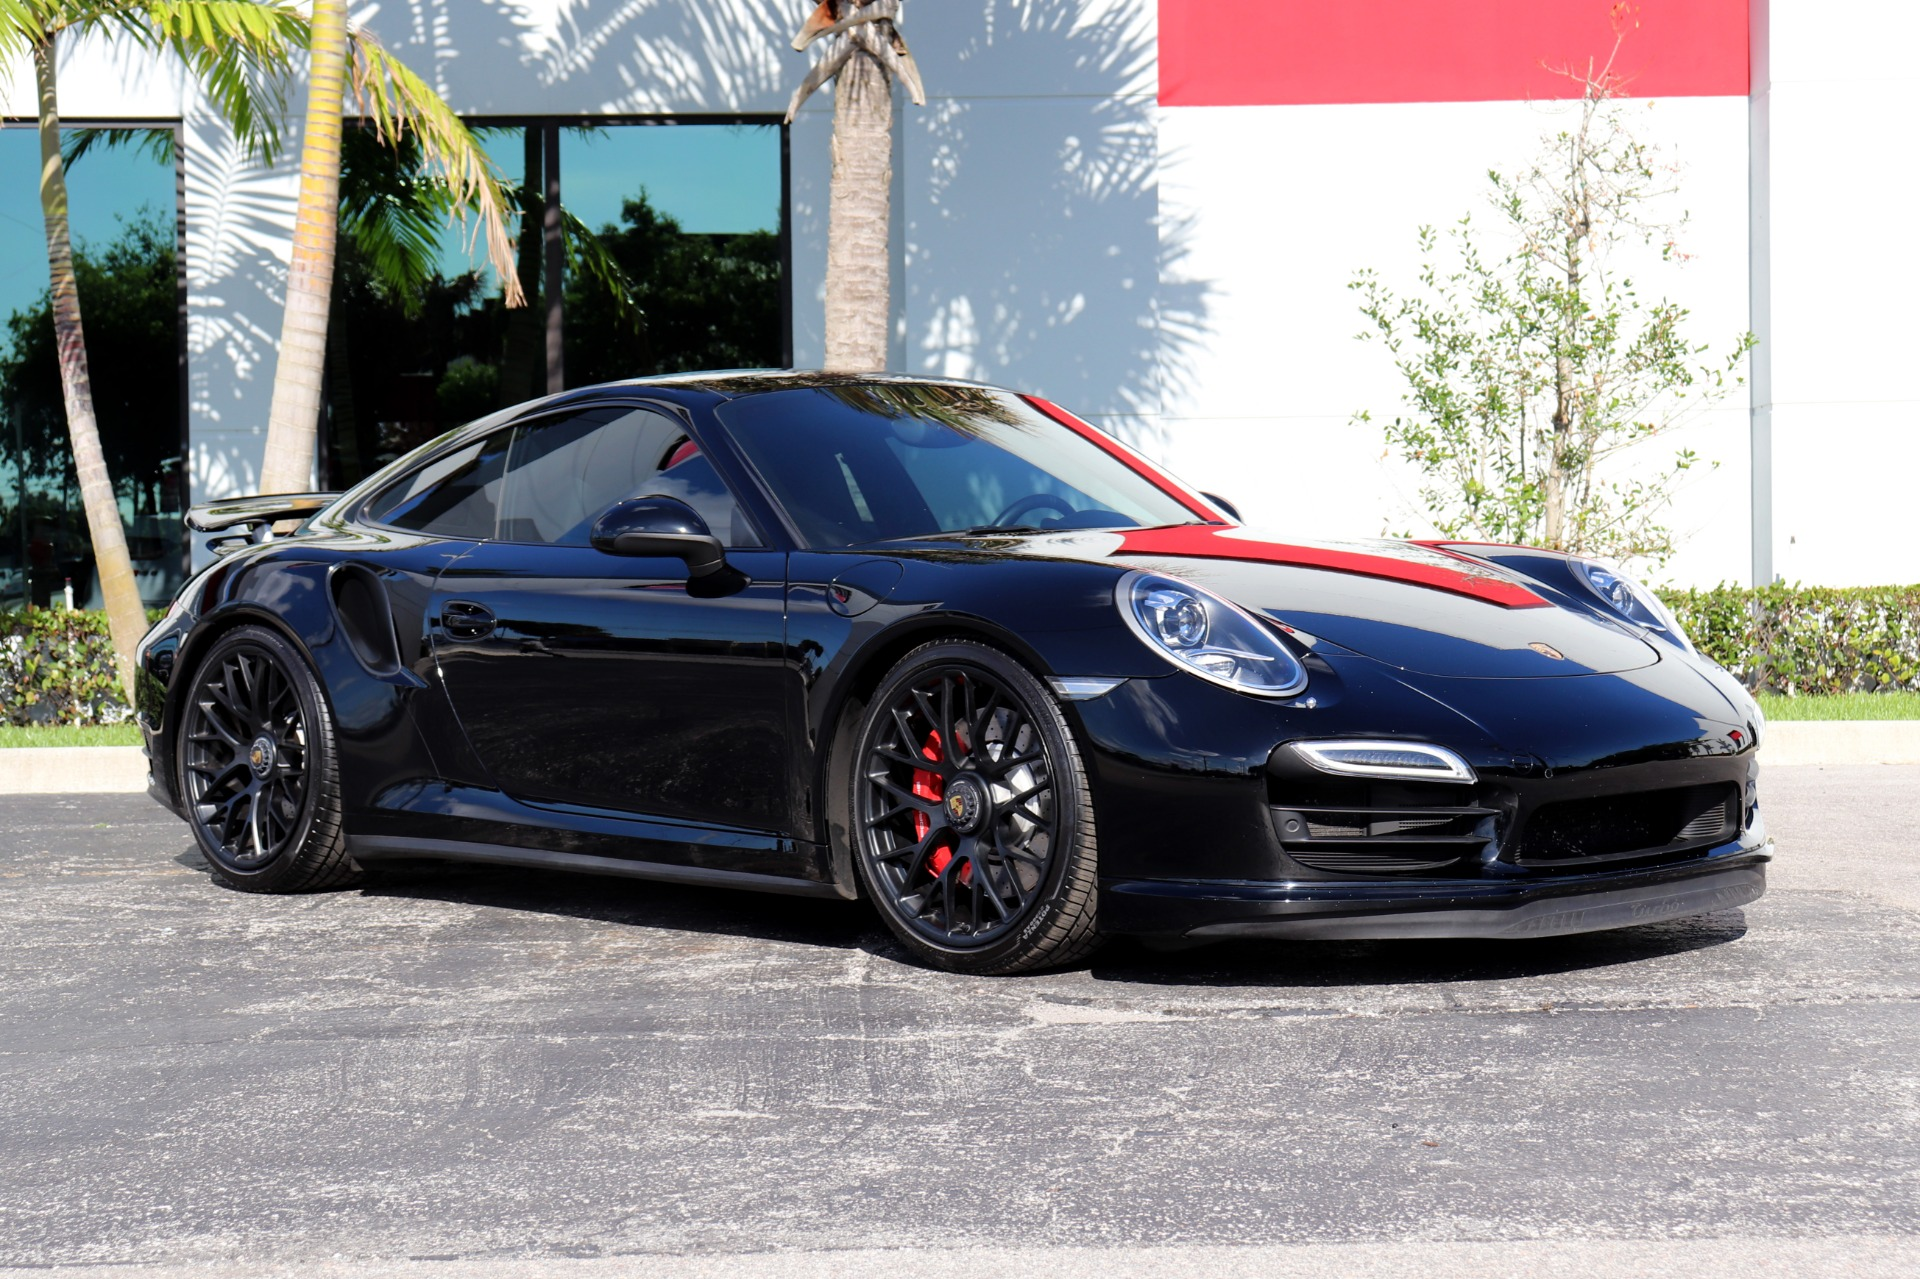 Used-2015-Porsche-911-Turbo